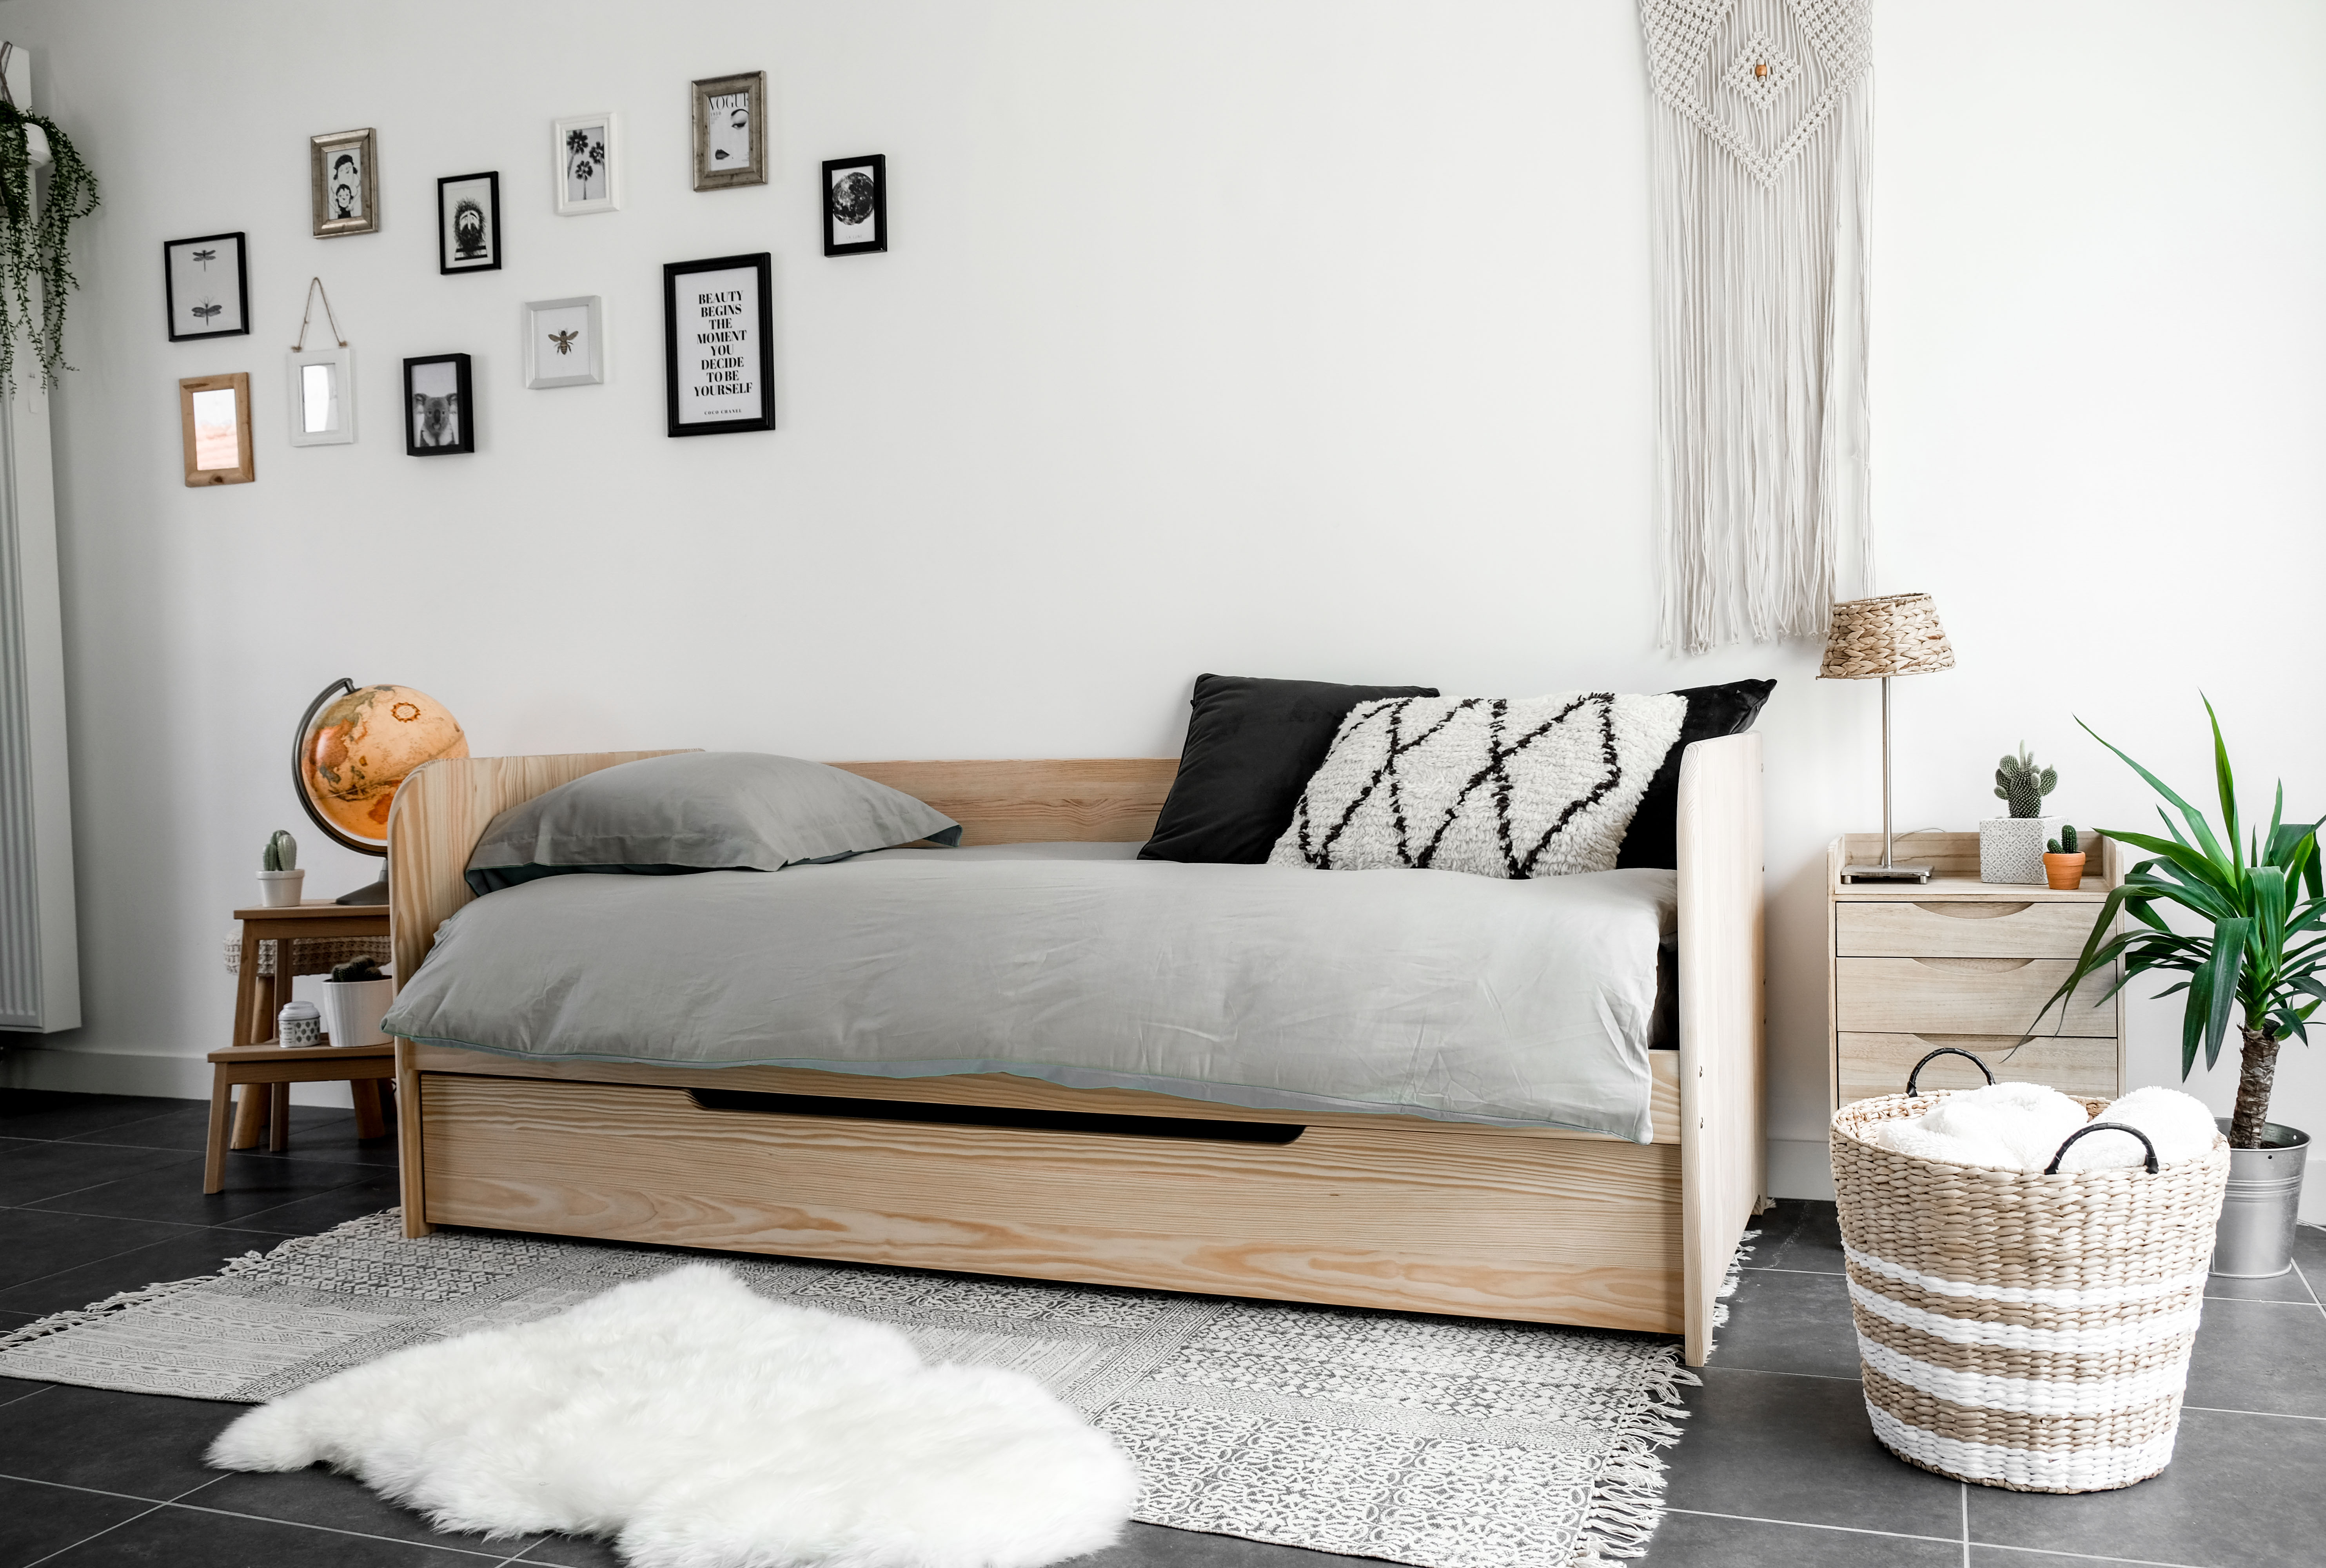 Aménagement Mezzanine Petit Espace comment optimiser l'espace dans une petite chambre? | cocon